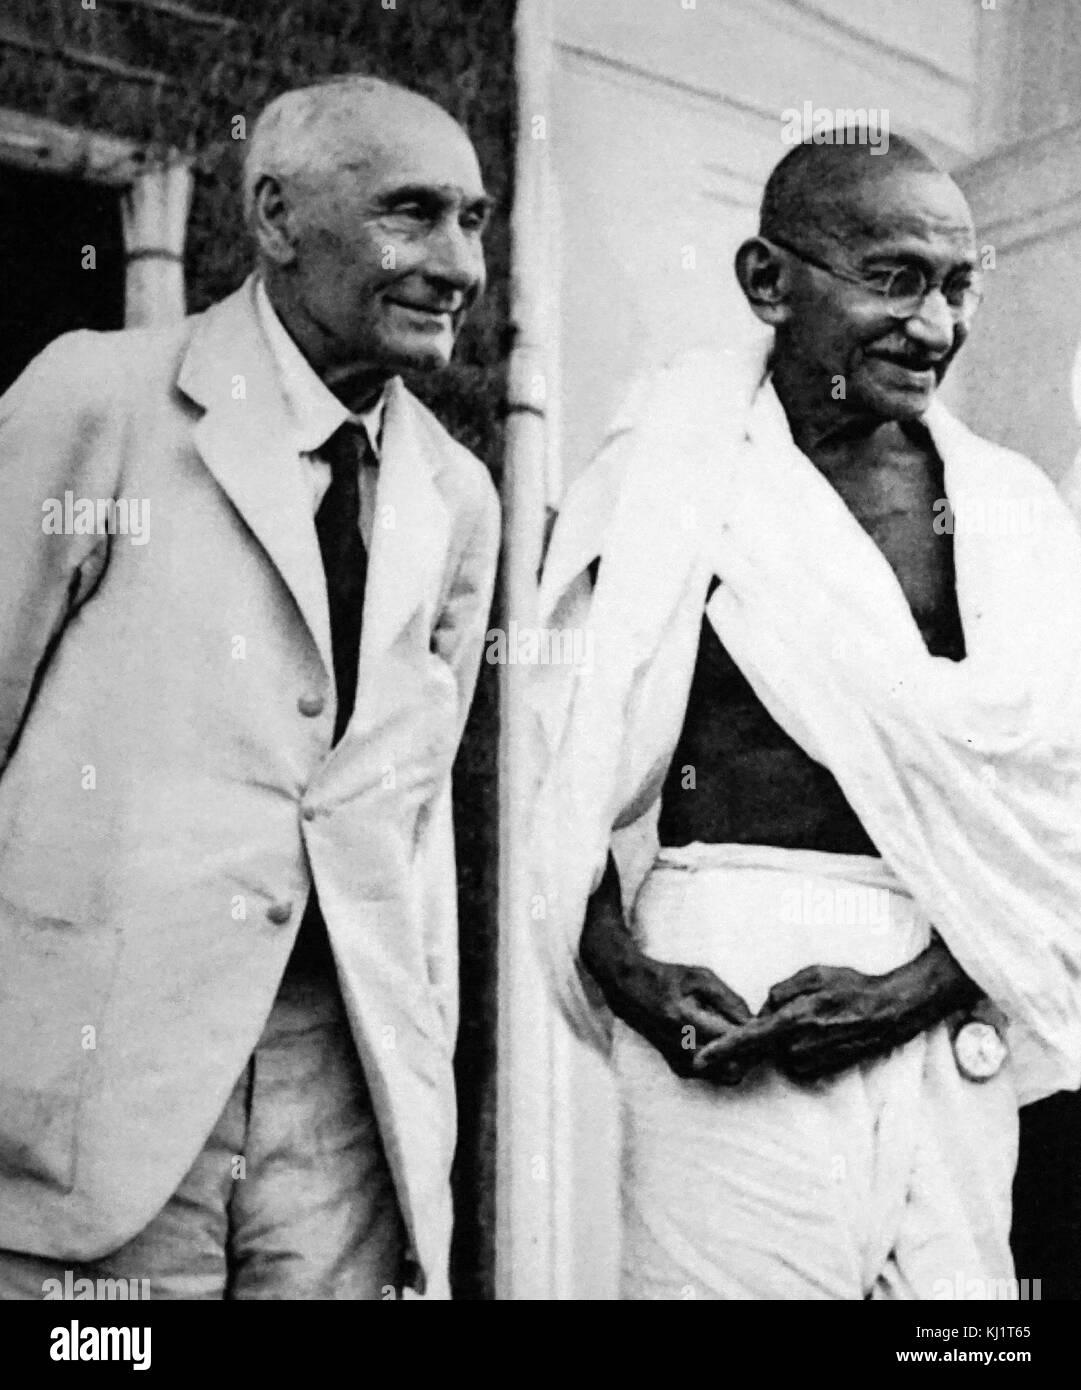 Pethwick Lawrence erfüllt Mahatma Gandhi im Jahre 1946. Friedrich Wilhelm Pethick-Lawrence, Baron Pethick-Lawrence, (1871 - 1961) war eine britische Labour-Politiker. Von 1945 bis 1947 war er Staatssekretär für Indien und Burma, mit einem Sitz im Kabinett, und war in den Verhandlungen, die zu der Unabhängigkeit Indiens 1947 Led beteiligt Stockfoto